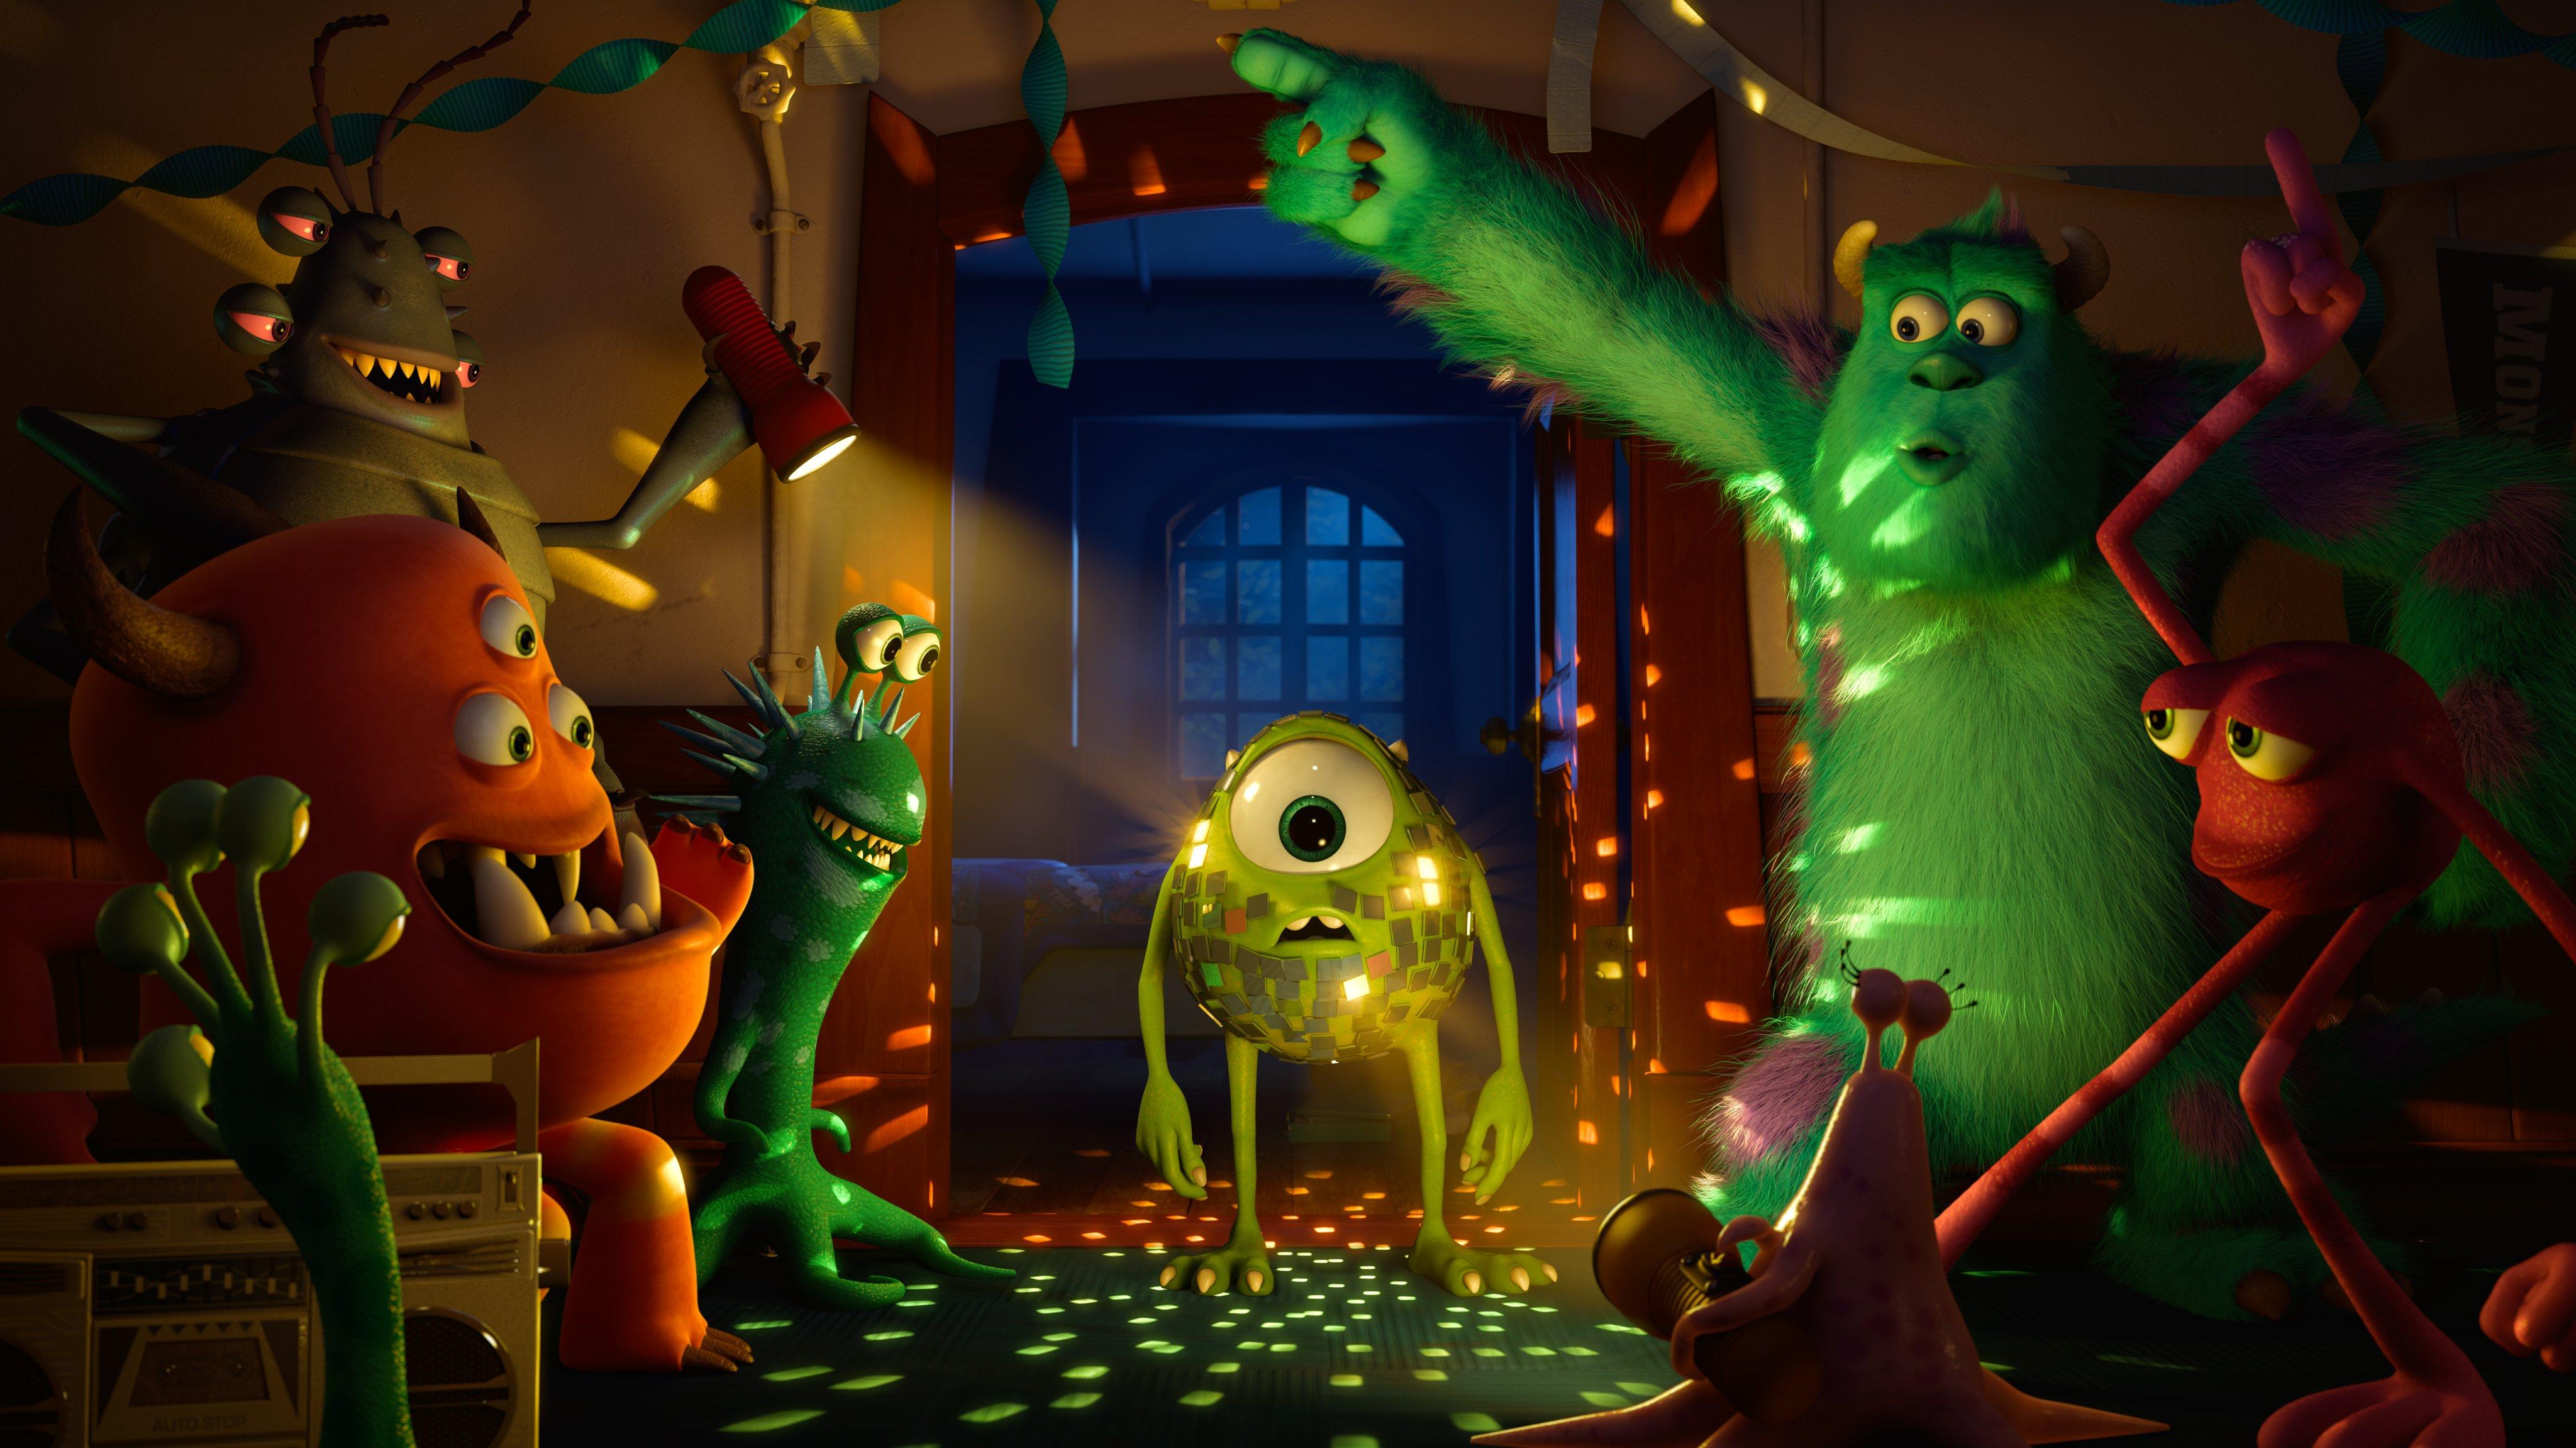 Monstres Academy, la préquelle de Monstres et Cie des Studios Disney Pixar, se dévoile en images et en vidéos. 6